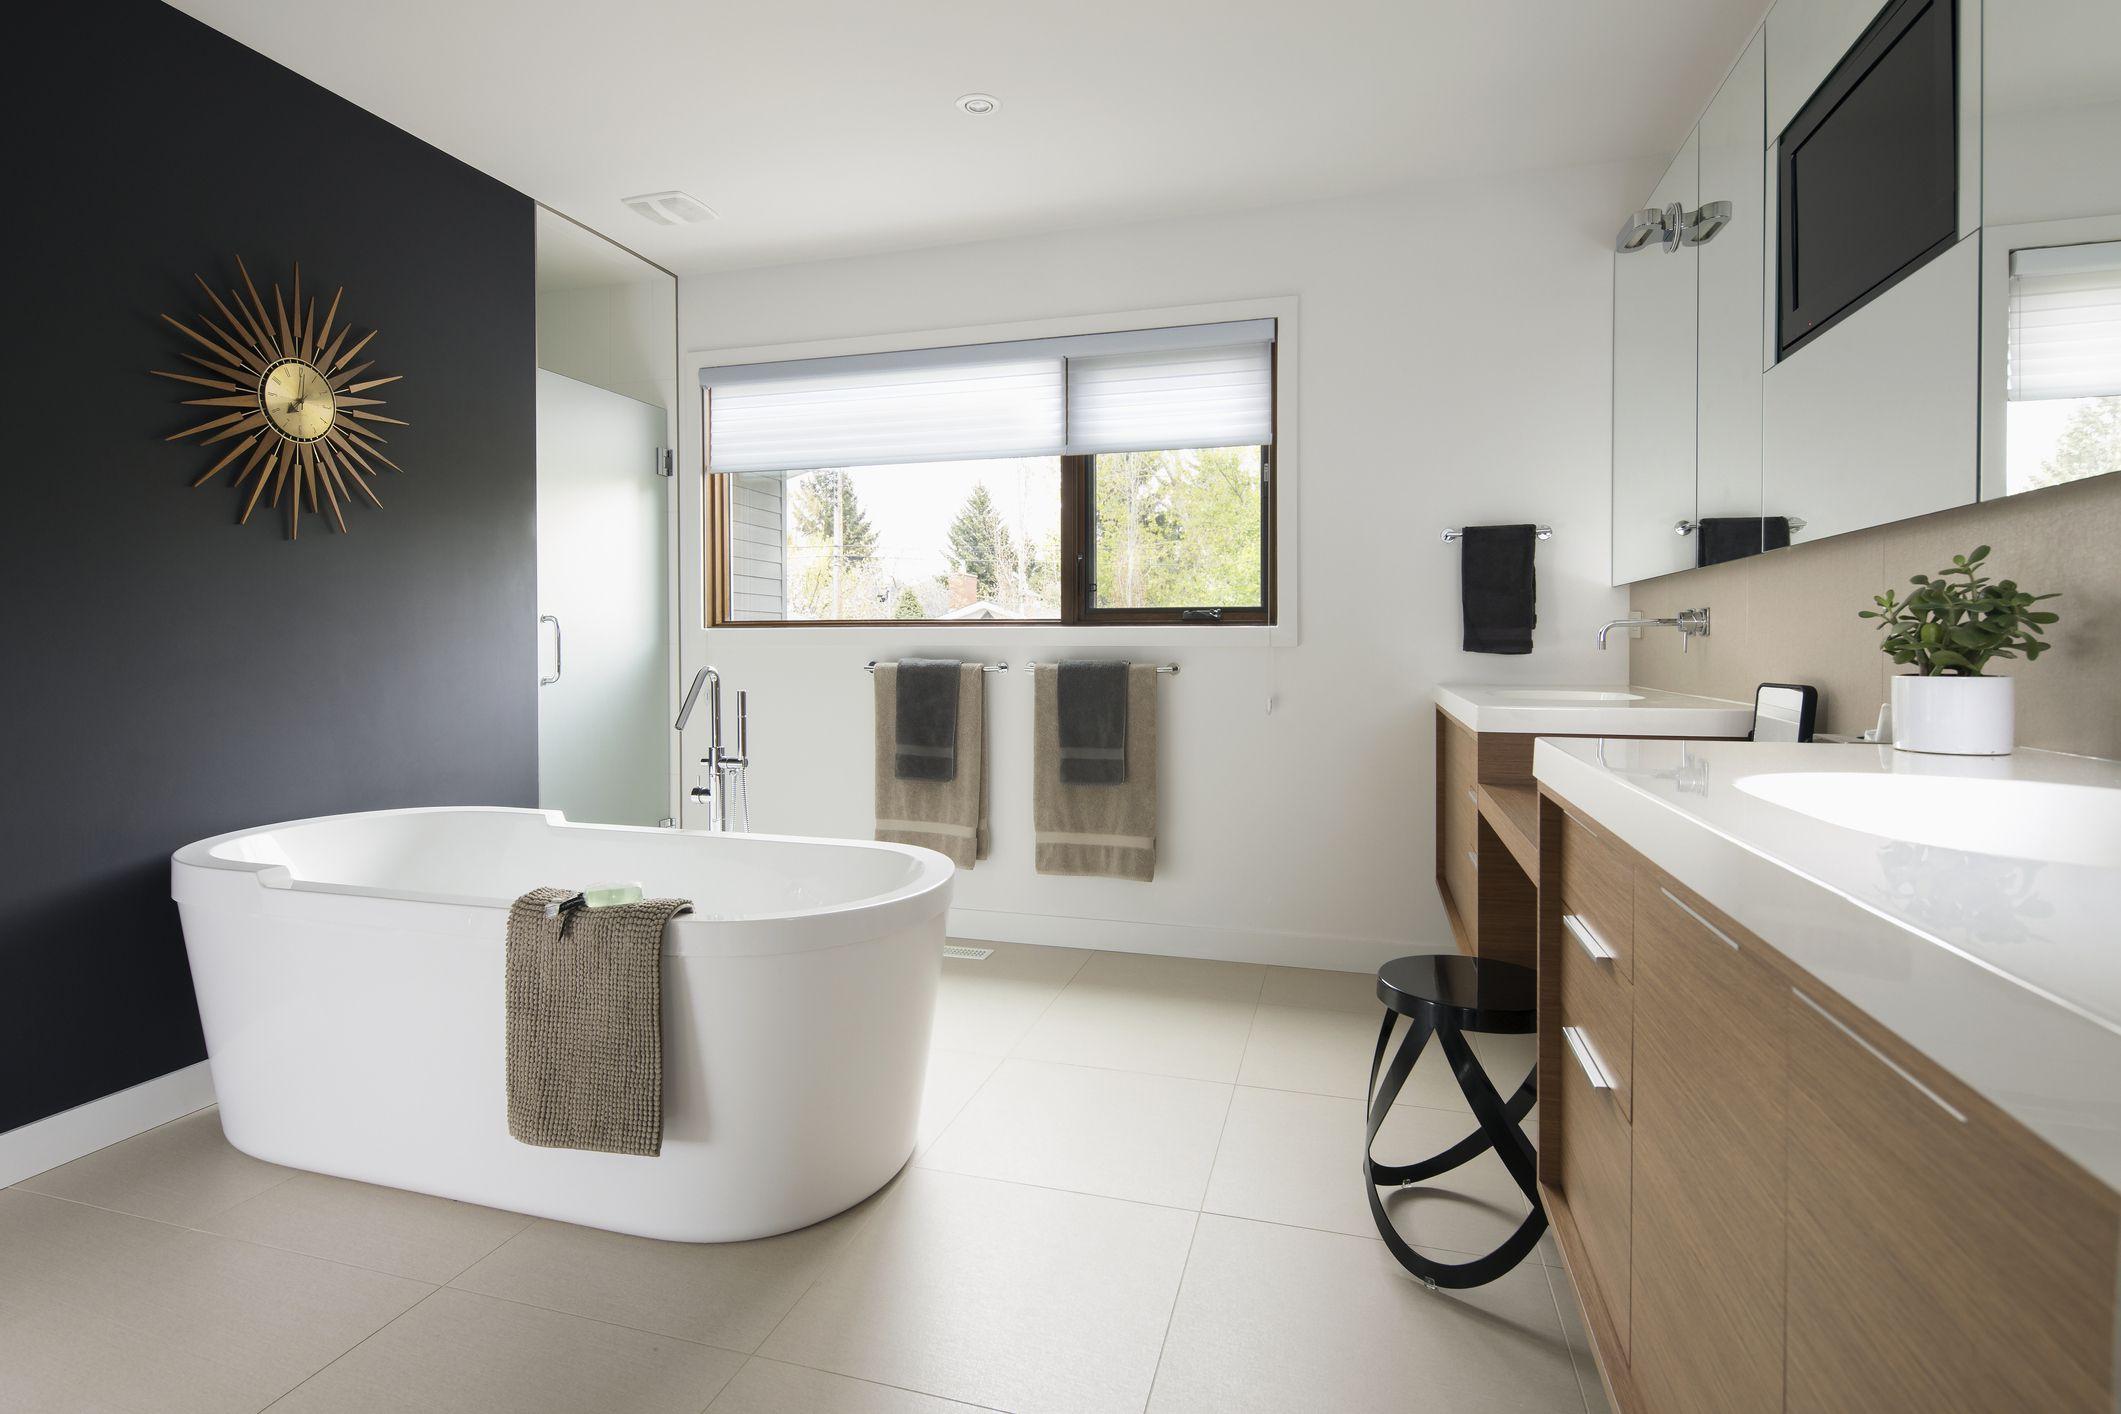 home-showcase-modern-bathroom-with-soaking-tub-915093652-5c4c957f46e0fb00018de9d9.jpg